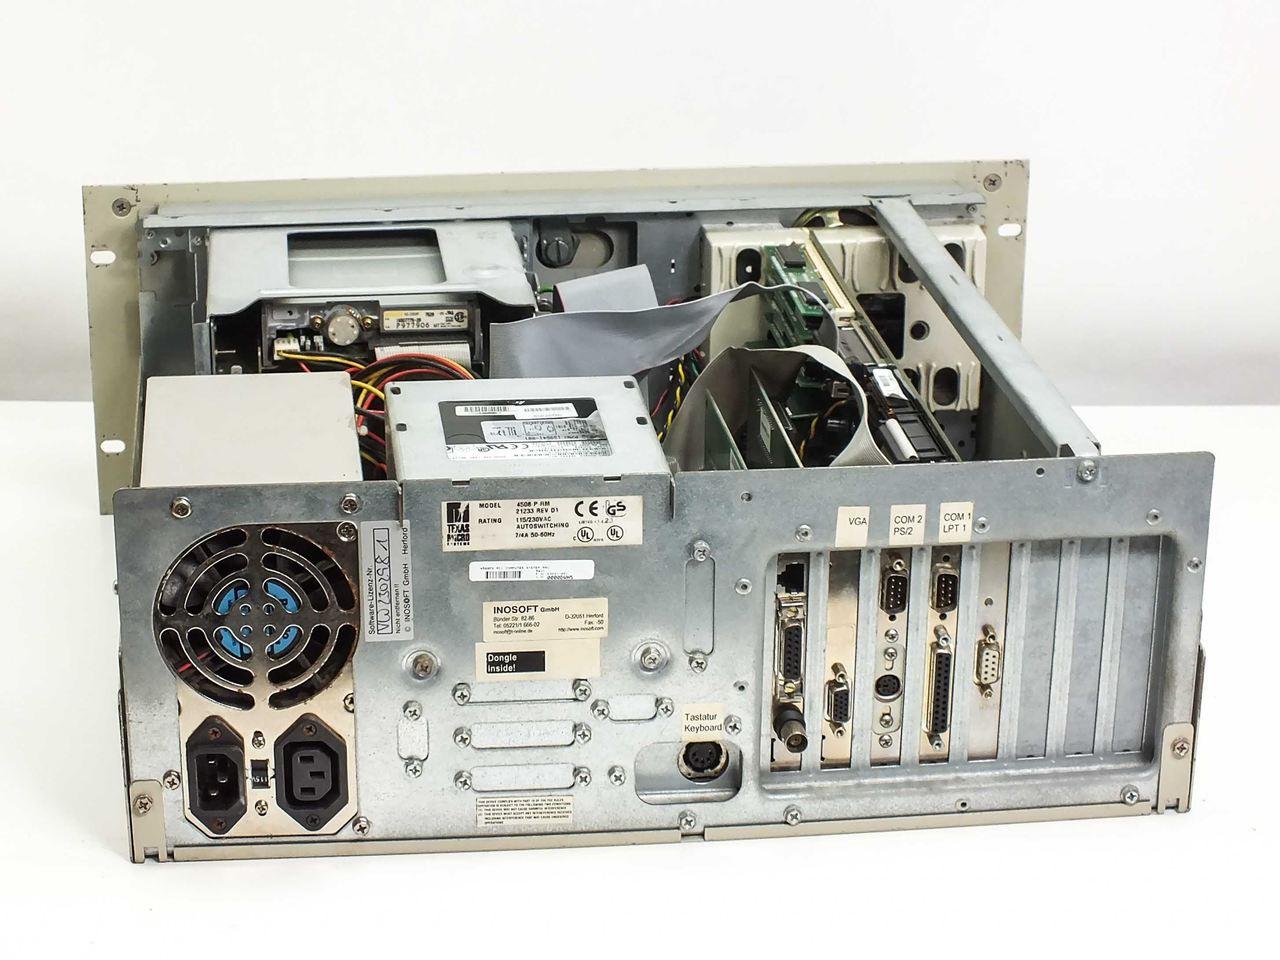 Texas Micro 4508-P-RM 21233 REV D P166MHz, 2 1GB HDD, 32MB RAM